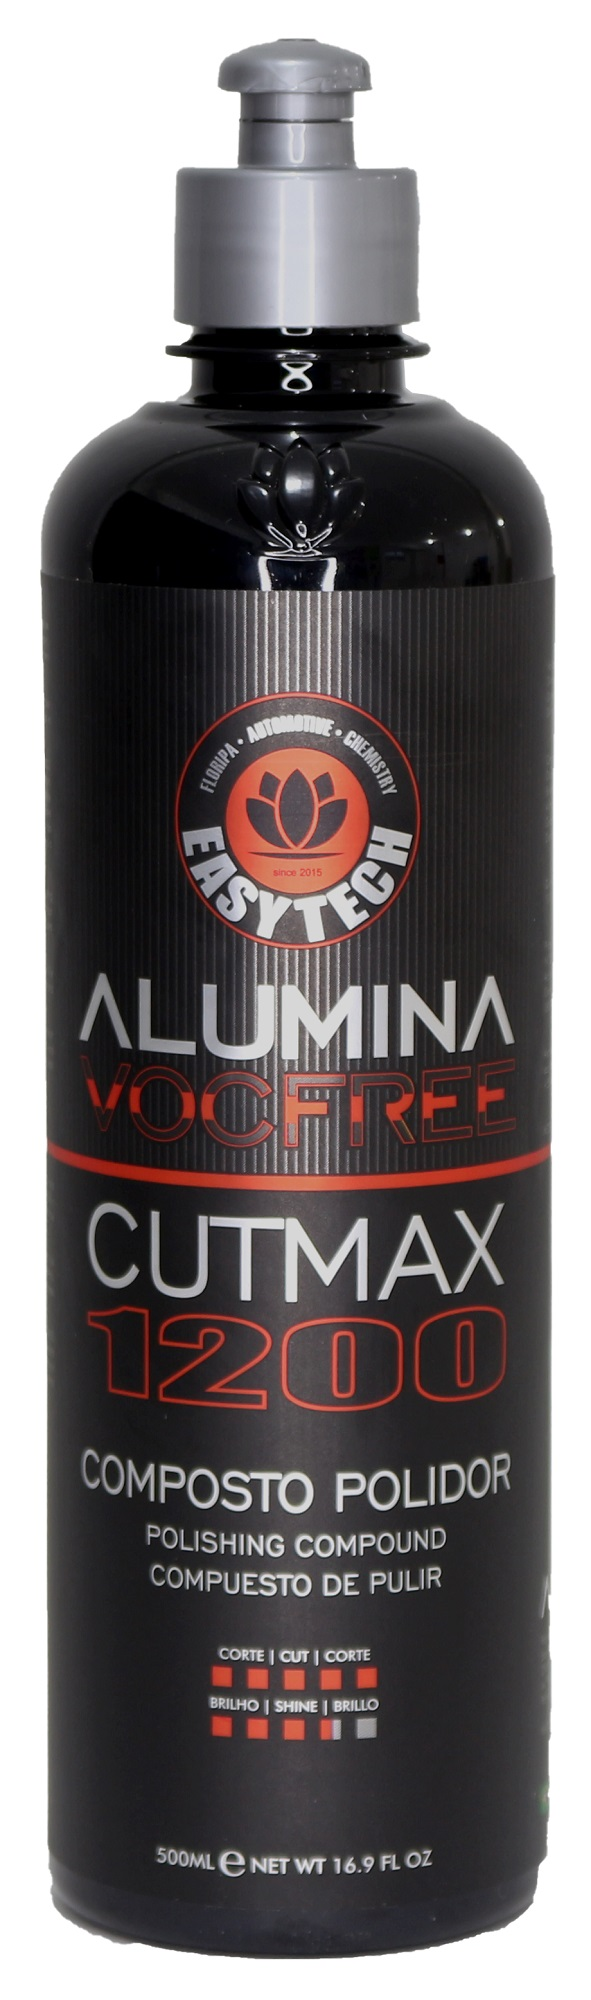 Alumina Cutmax 1200  Composto Polidor de Corte 500ML